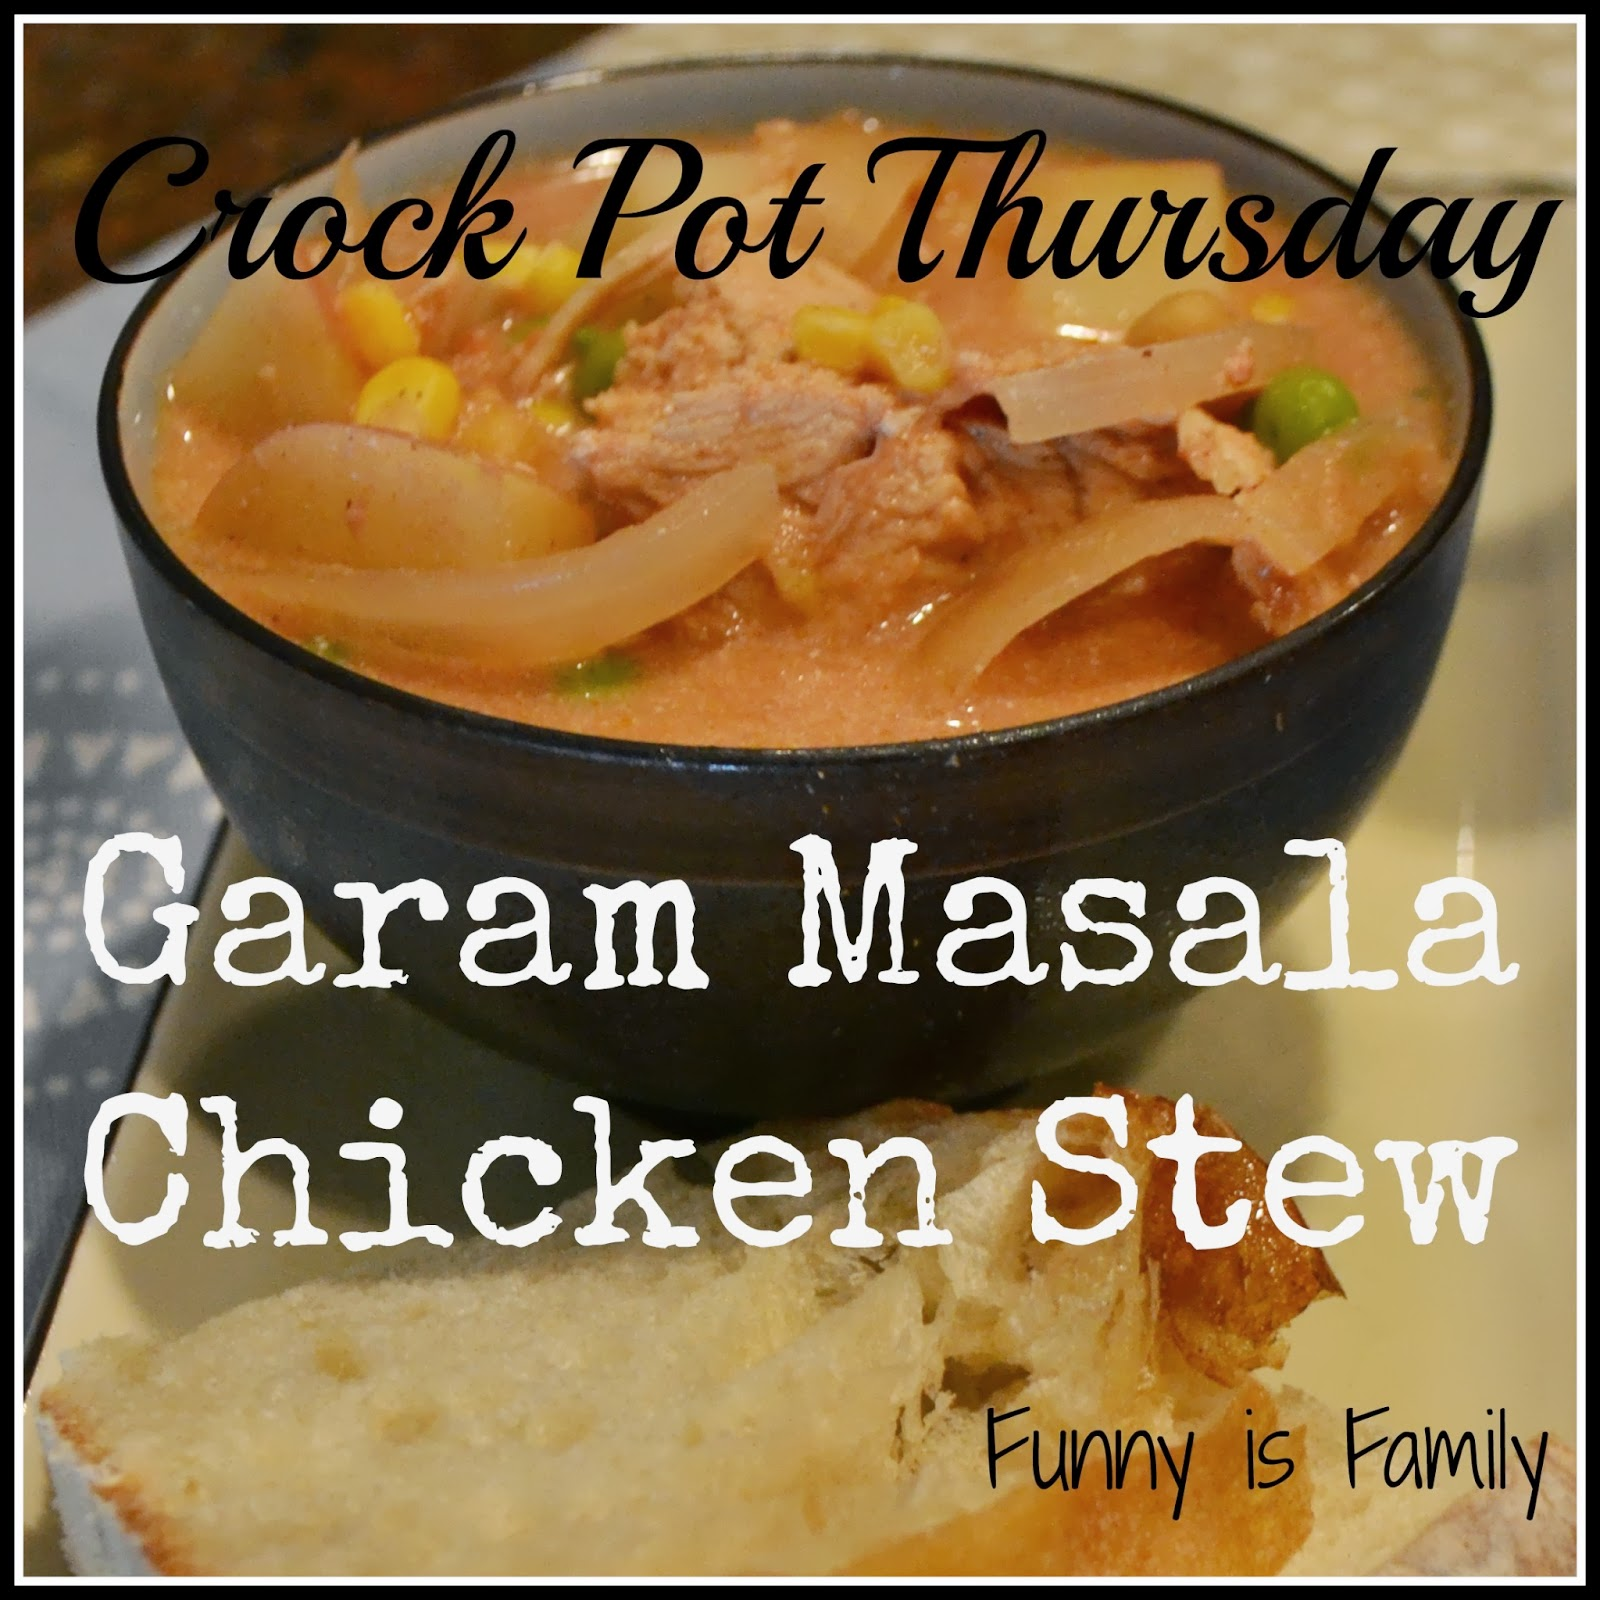 Garam Masala Chicken Stew